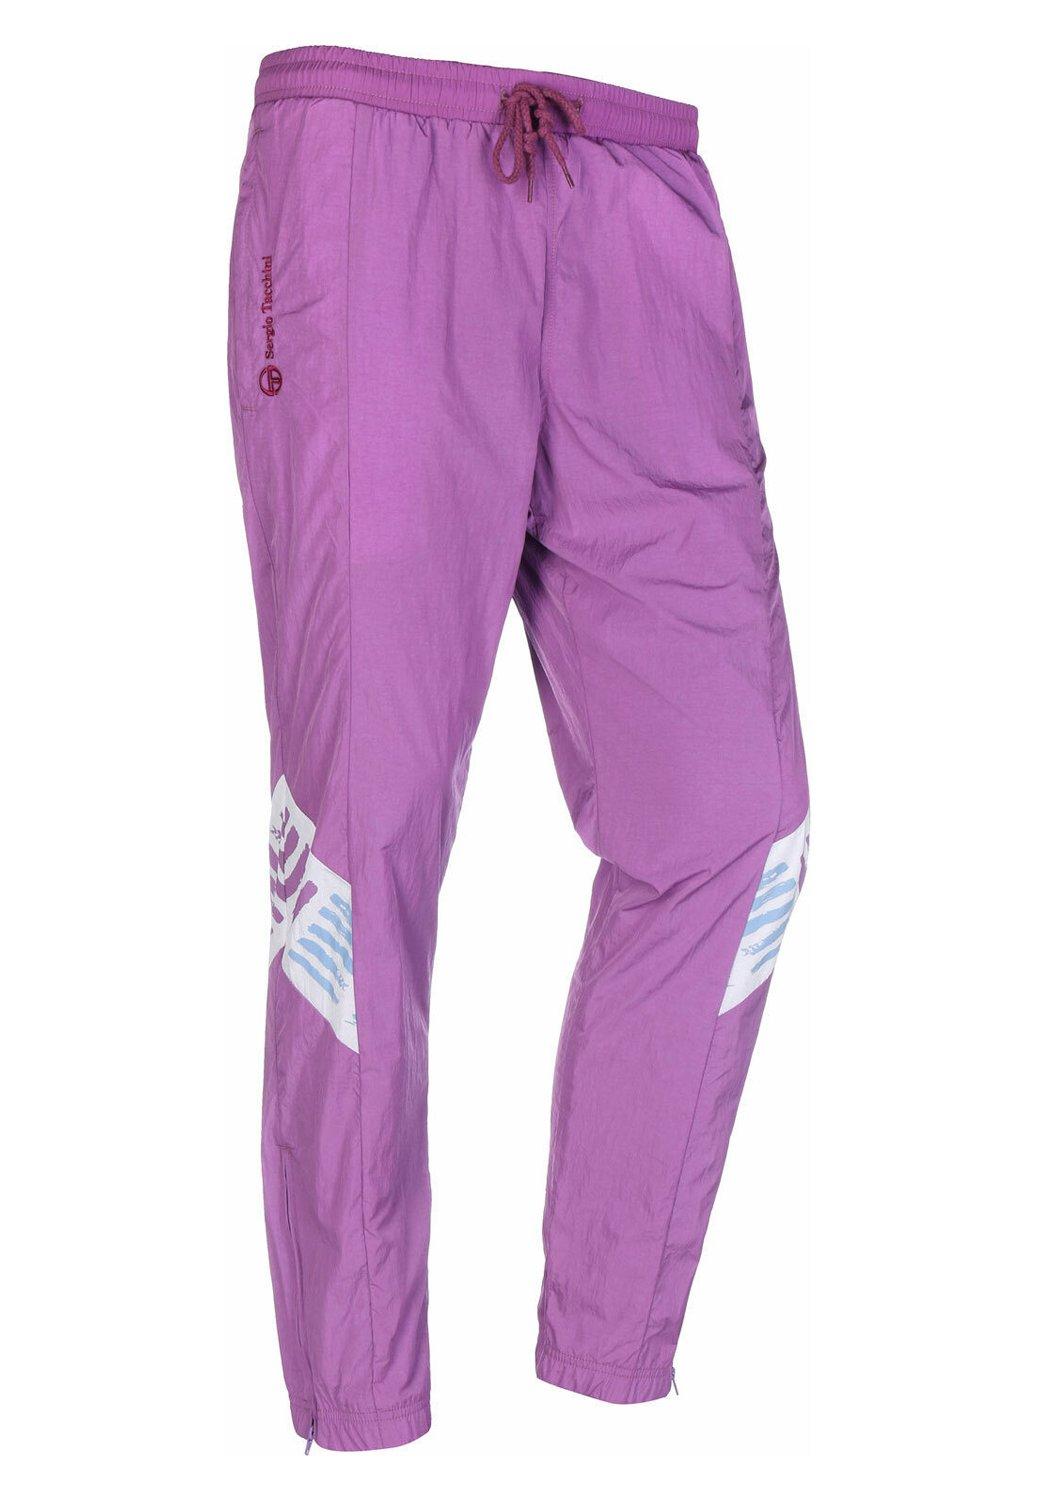 Paarse Heren broeken online kopen | ZALANDO